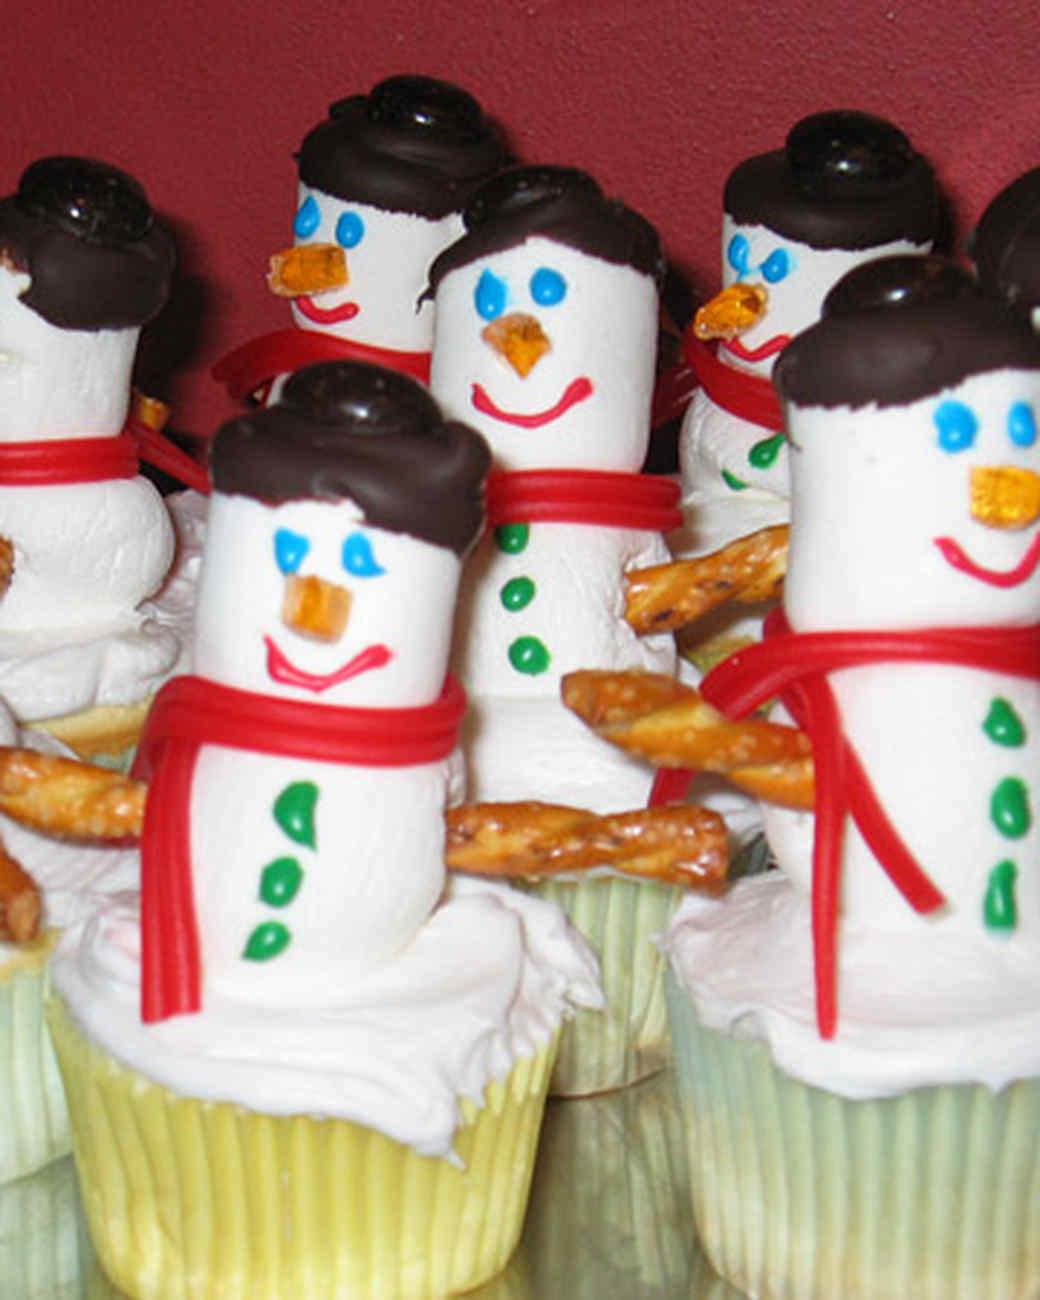 ori00020579_cupcakes.jpg